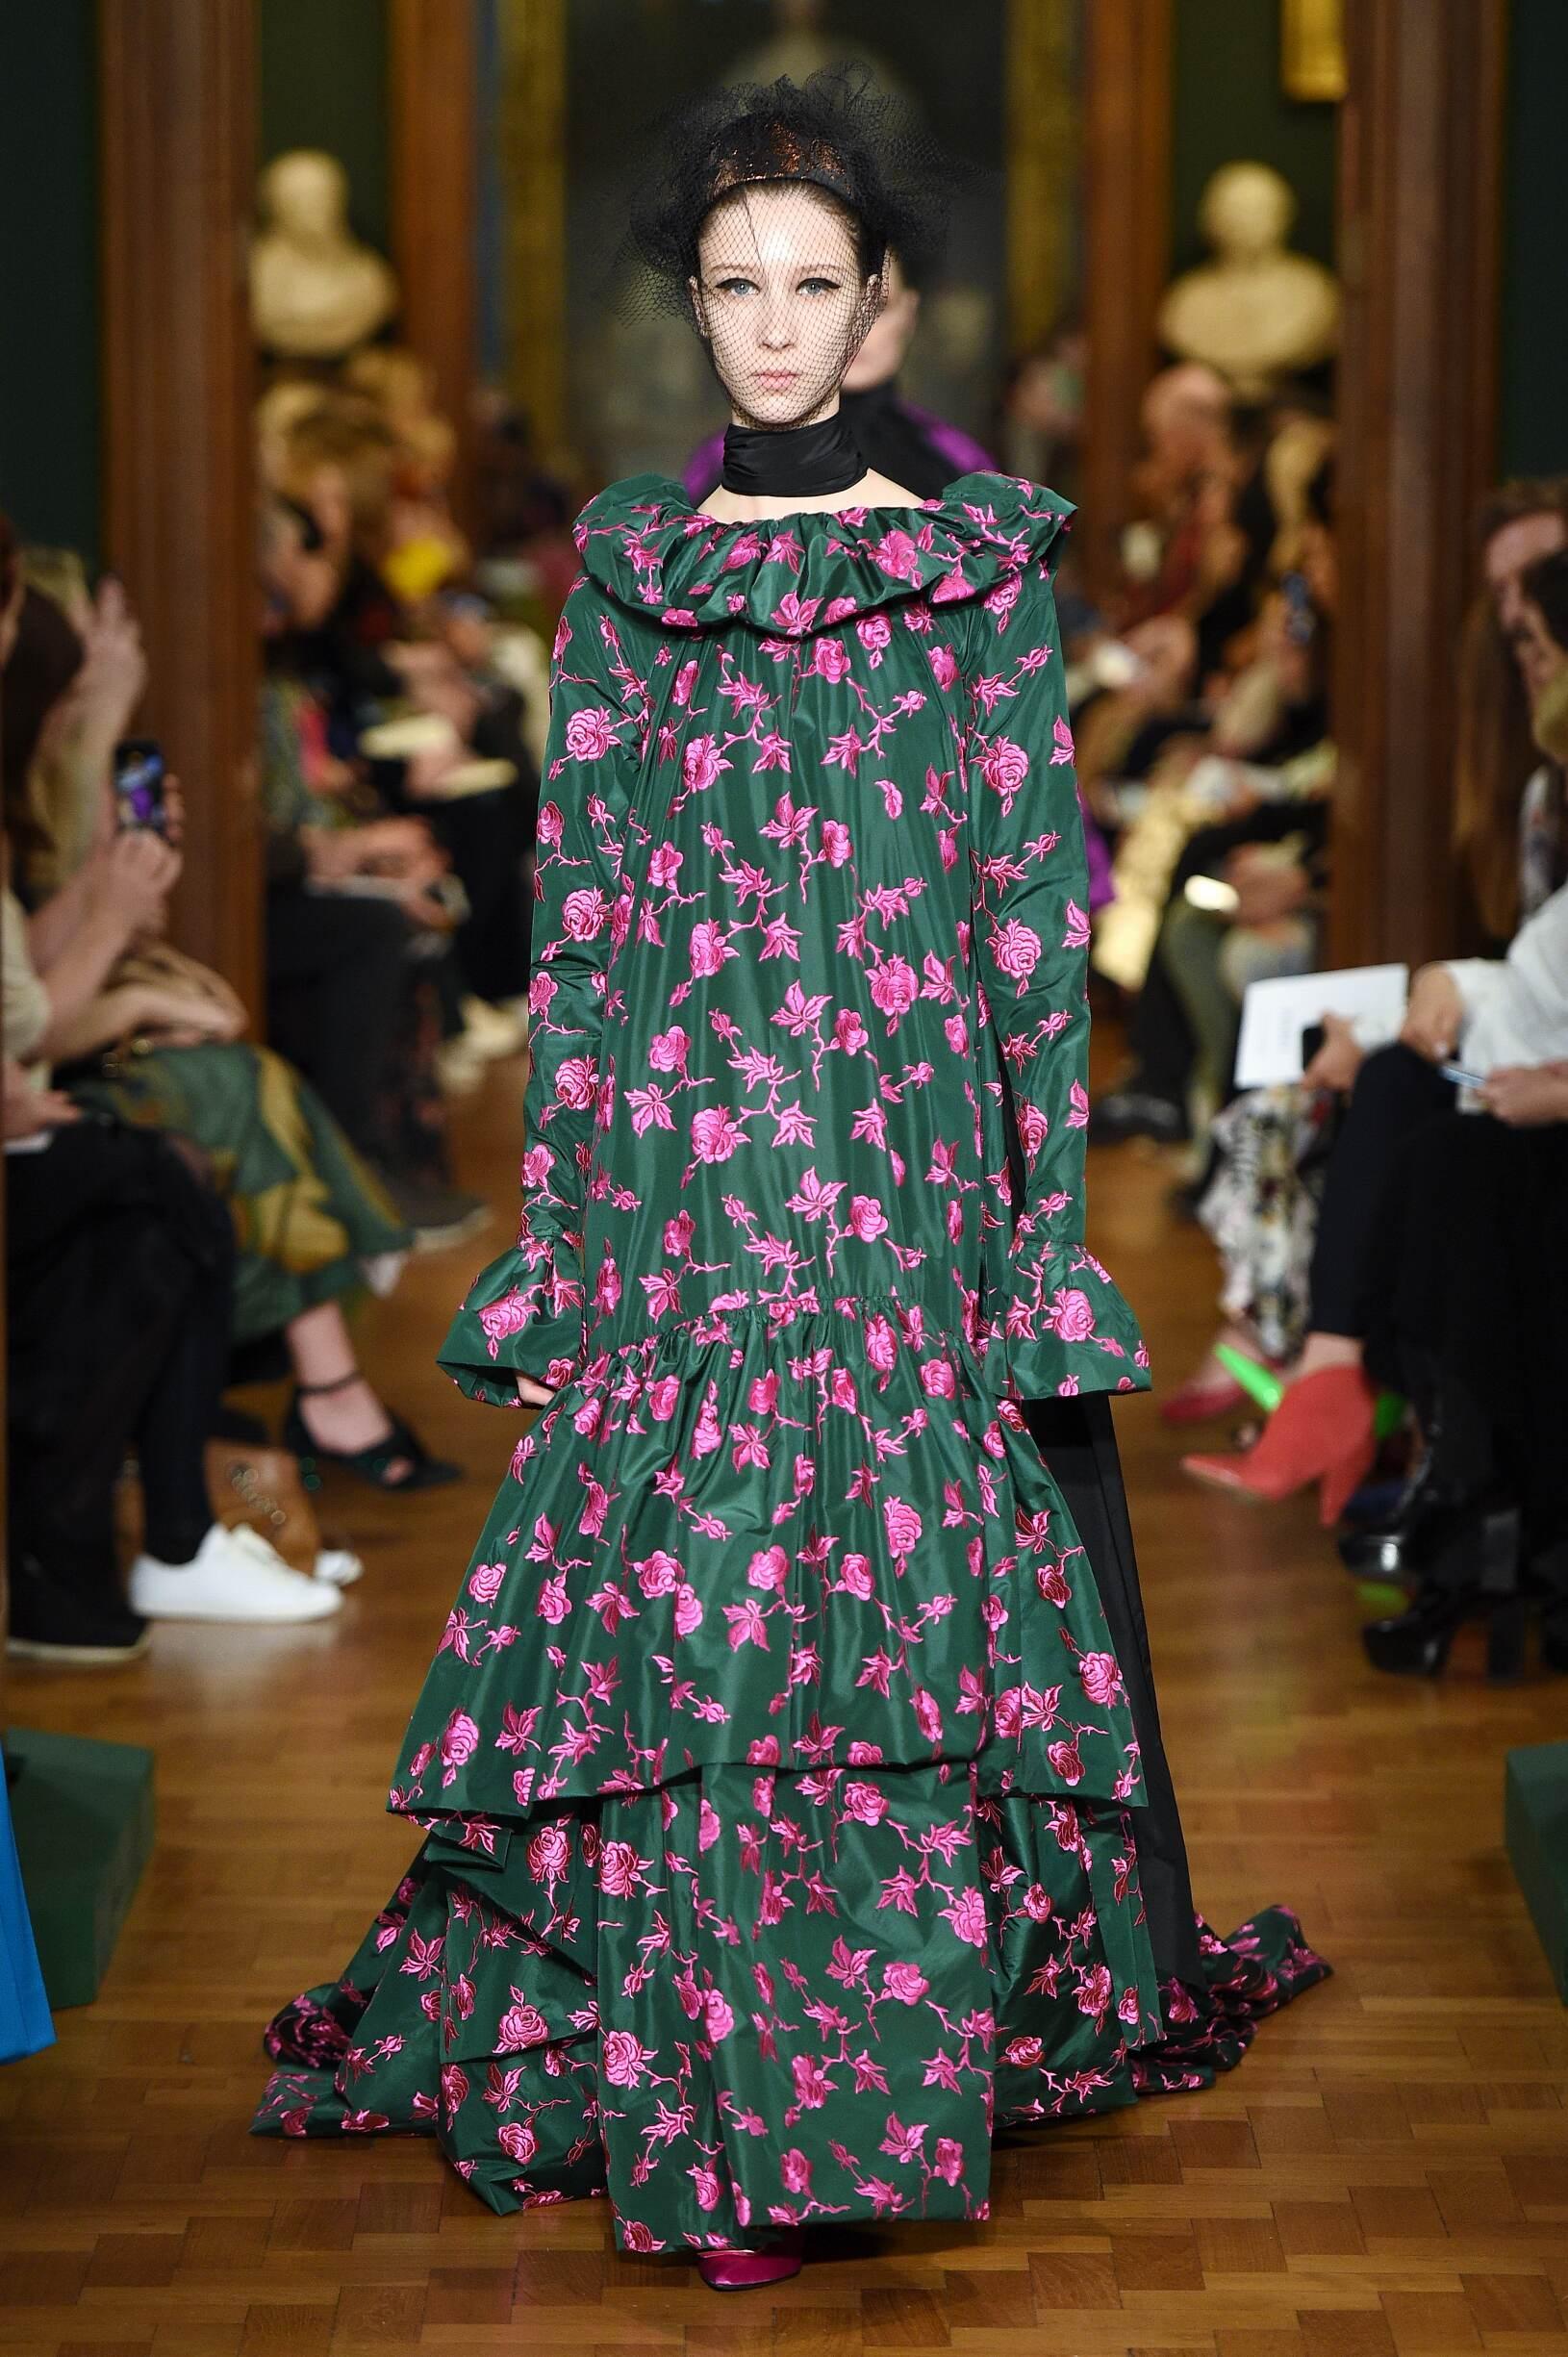 Erdem London Fashion Week Womenswear 2019-20